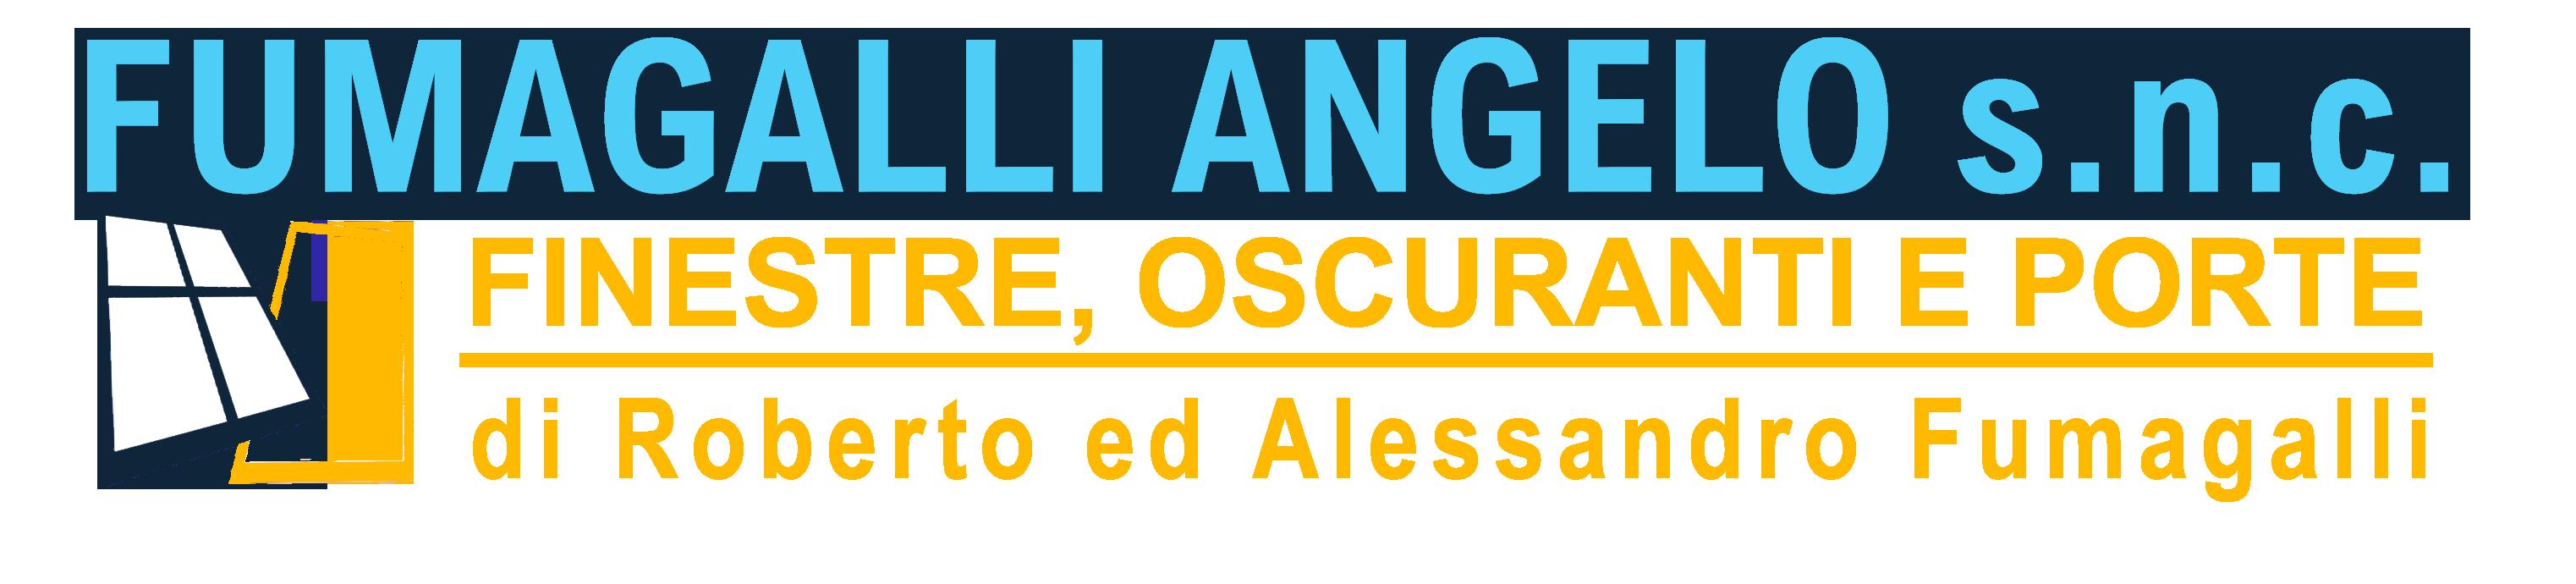 Serramenti Fumagalli - Produzione propria Brugherio e Monza Brianza